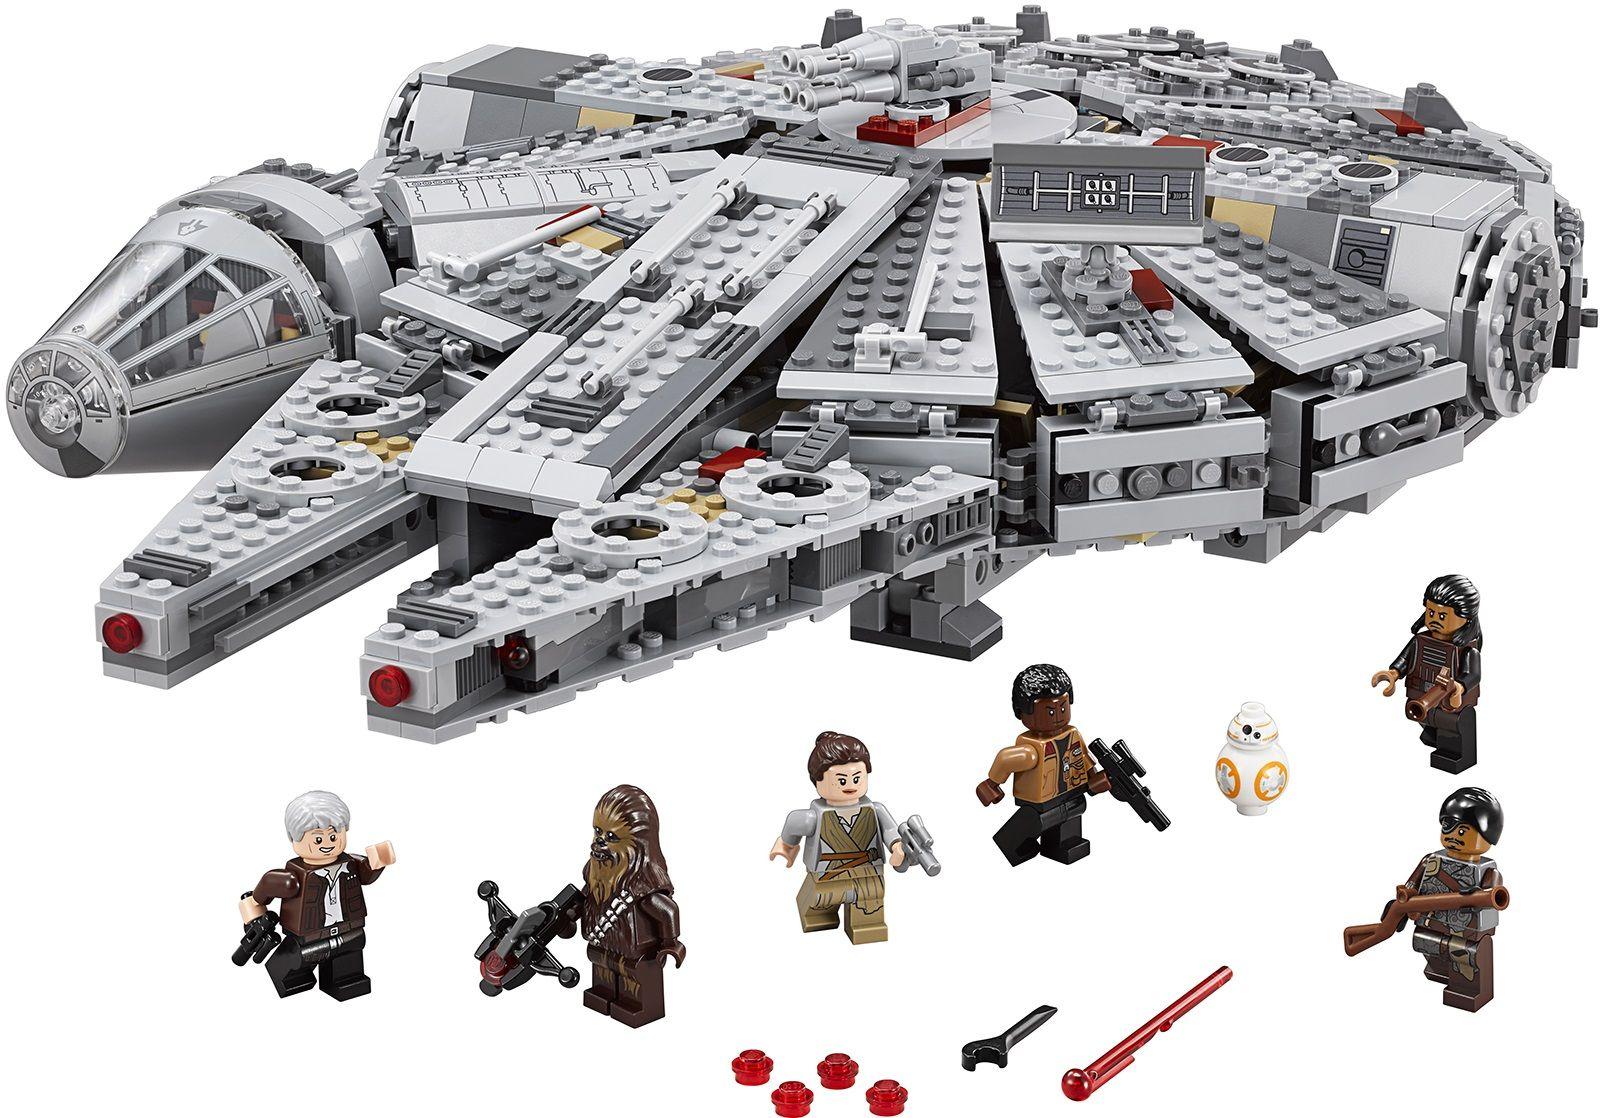 LEGO Star Wars Episode VII Millennium Falcon 75105 ...